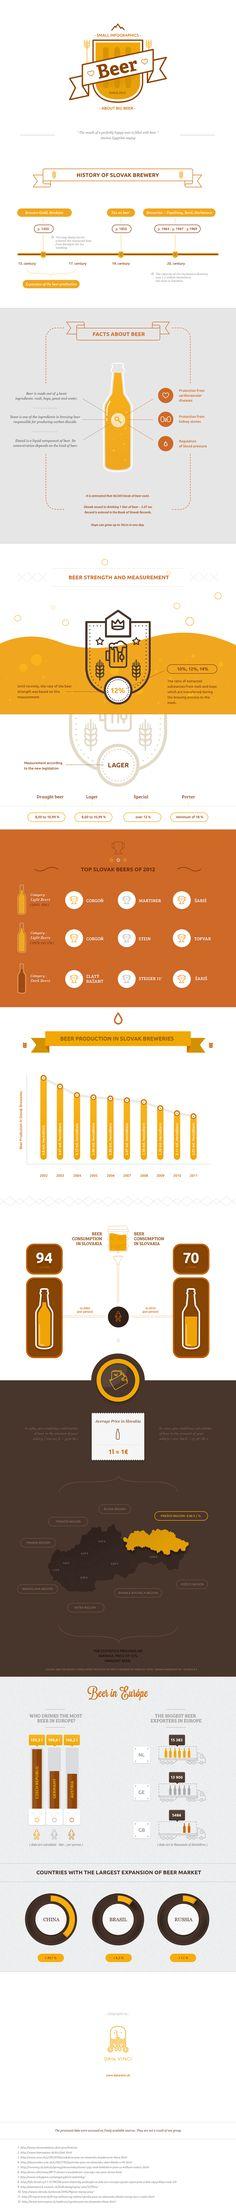 Infographics - Slovak Beer